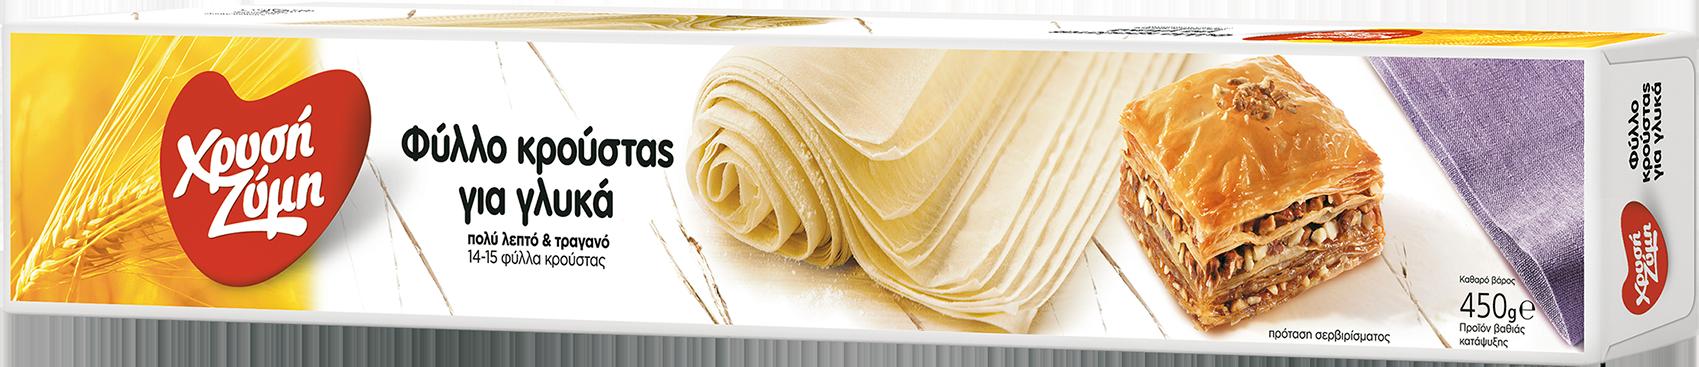 Ταρτάκια με Σοκολάτα και Ζαχαρωτά με Φύλλο Κρούστας για Γλυκά Χρυσή Ζύμη